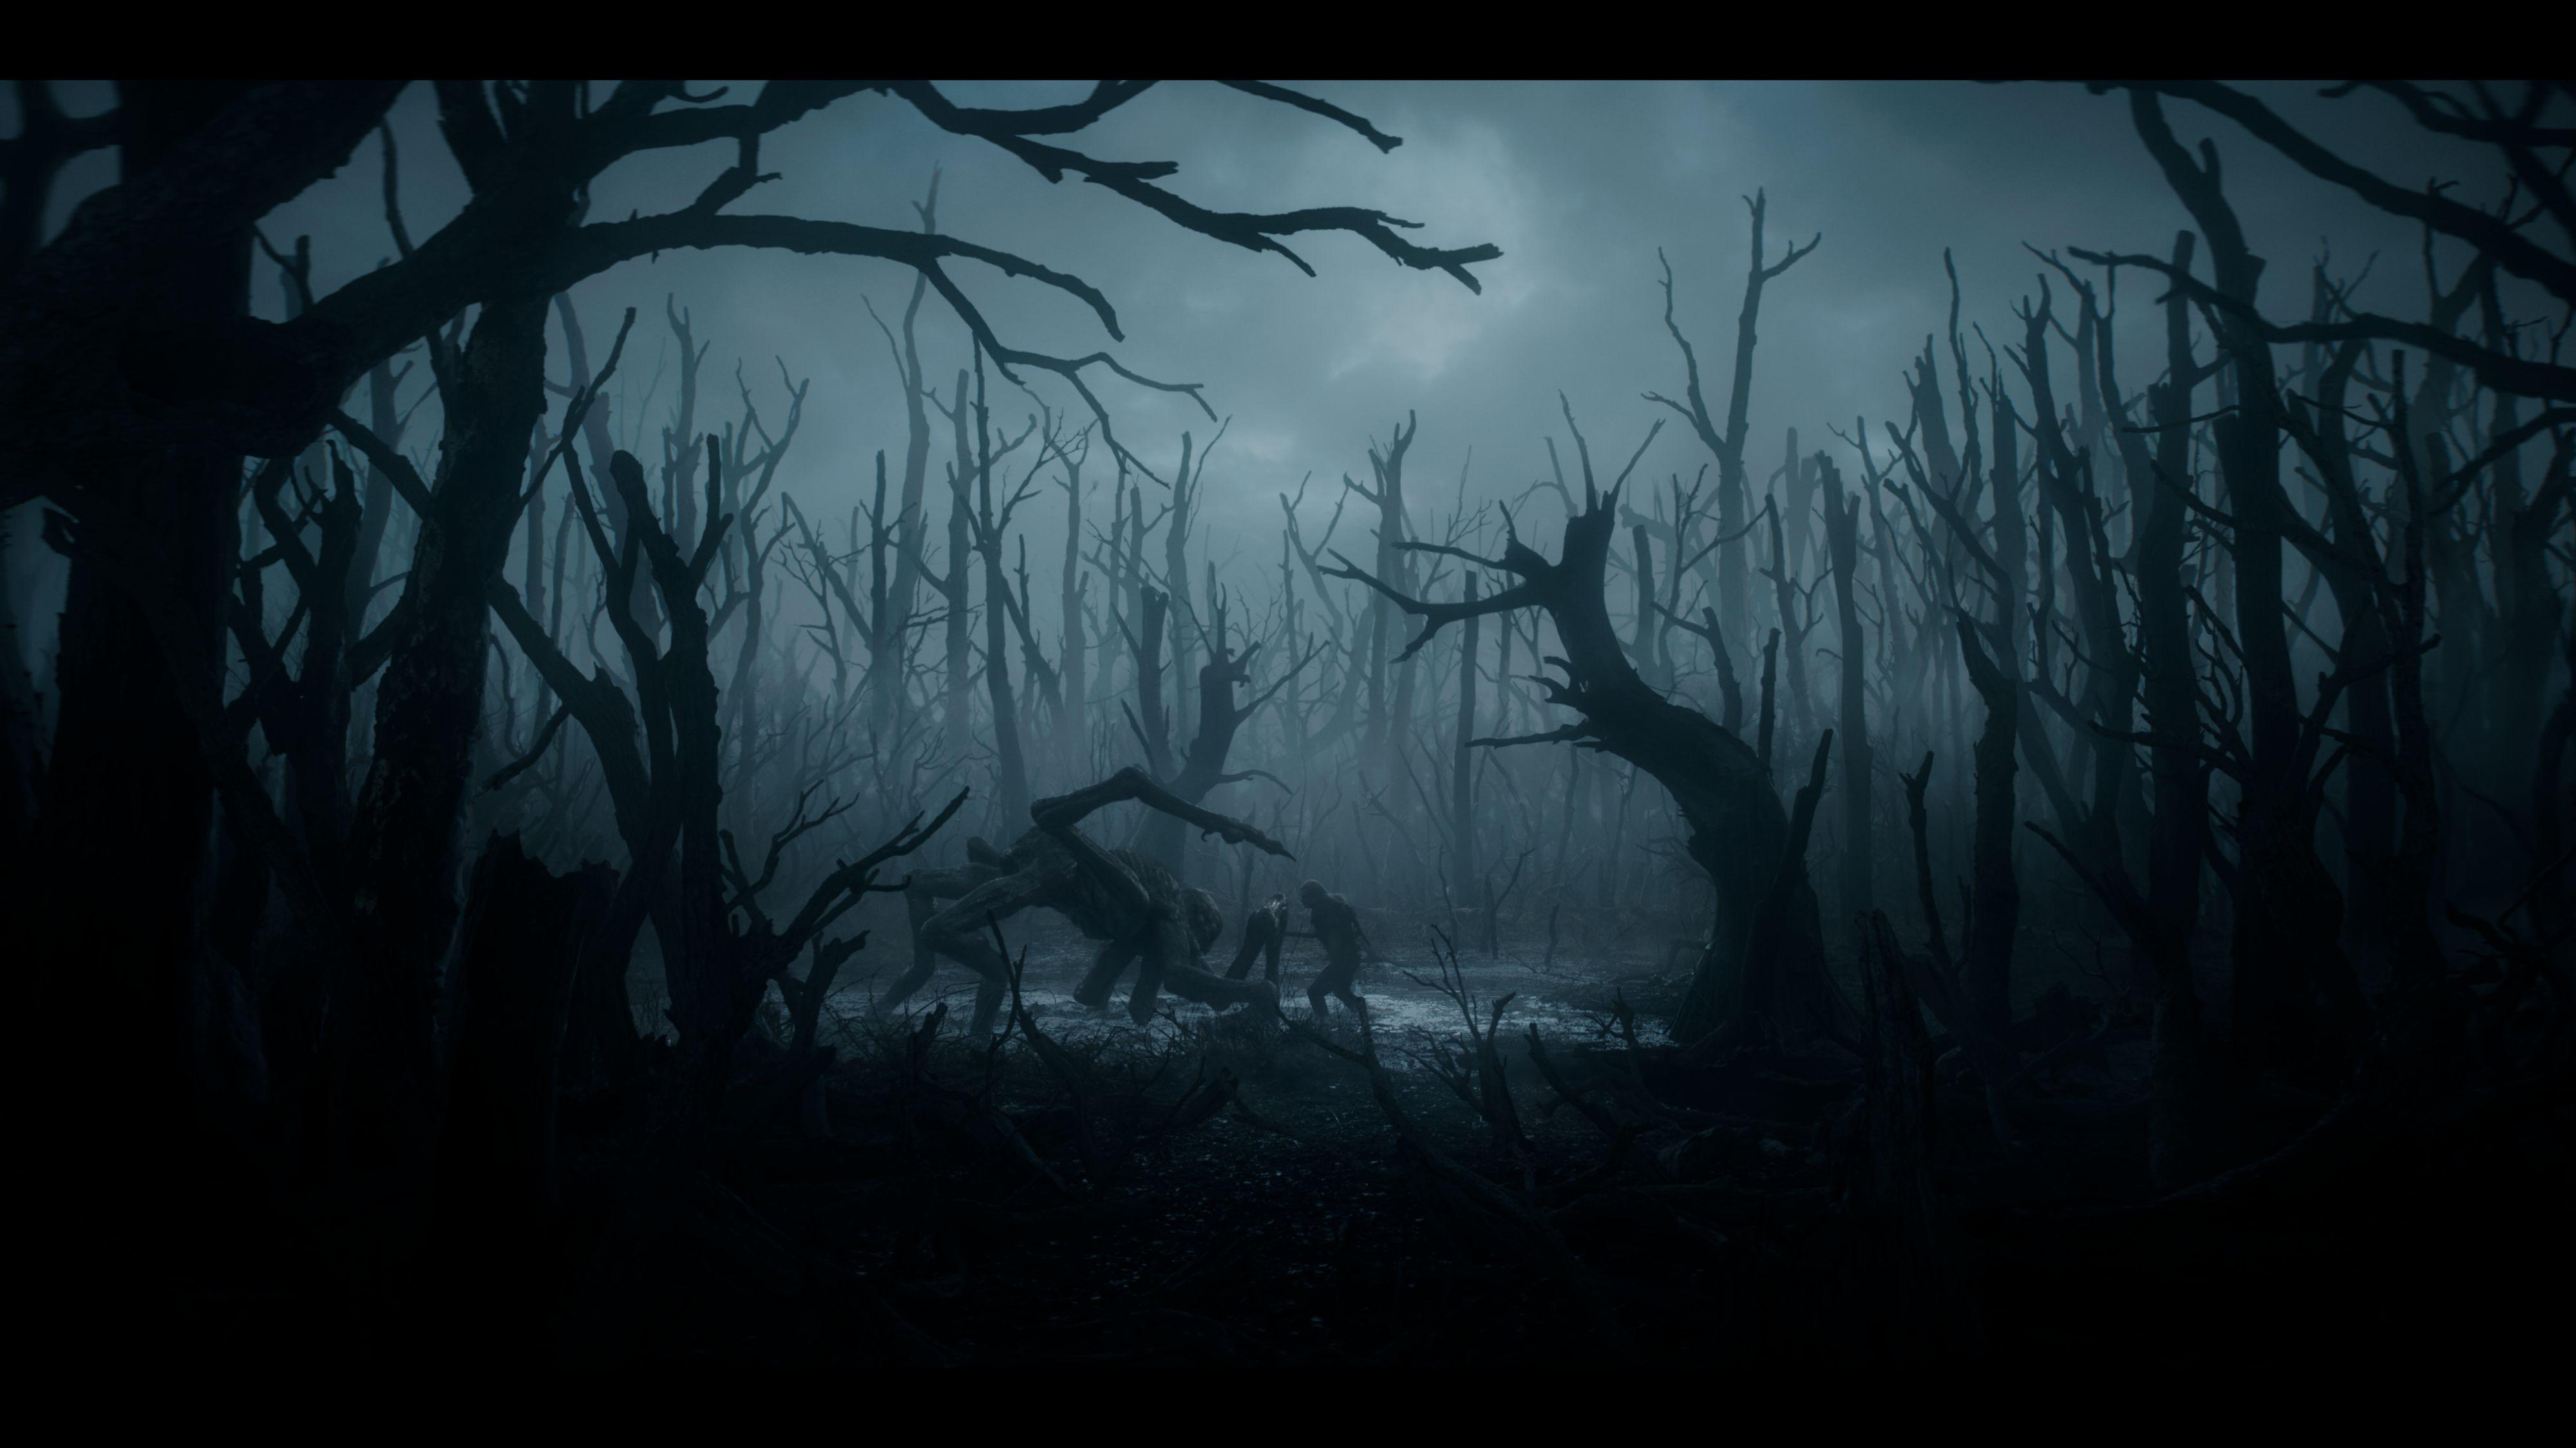 Wiedźmin - świat, magia i zabójcy potworów. Zasady i szczegóły, które trzeba znać